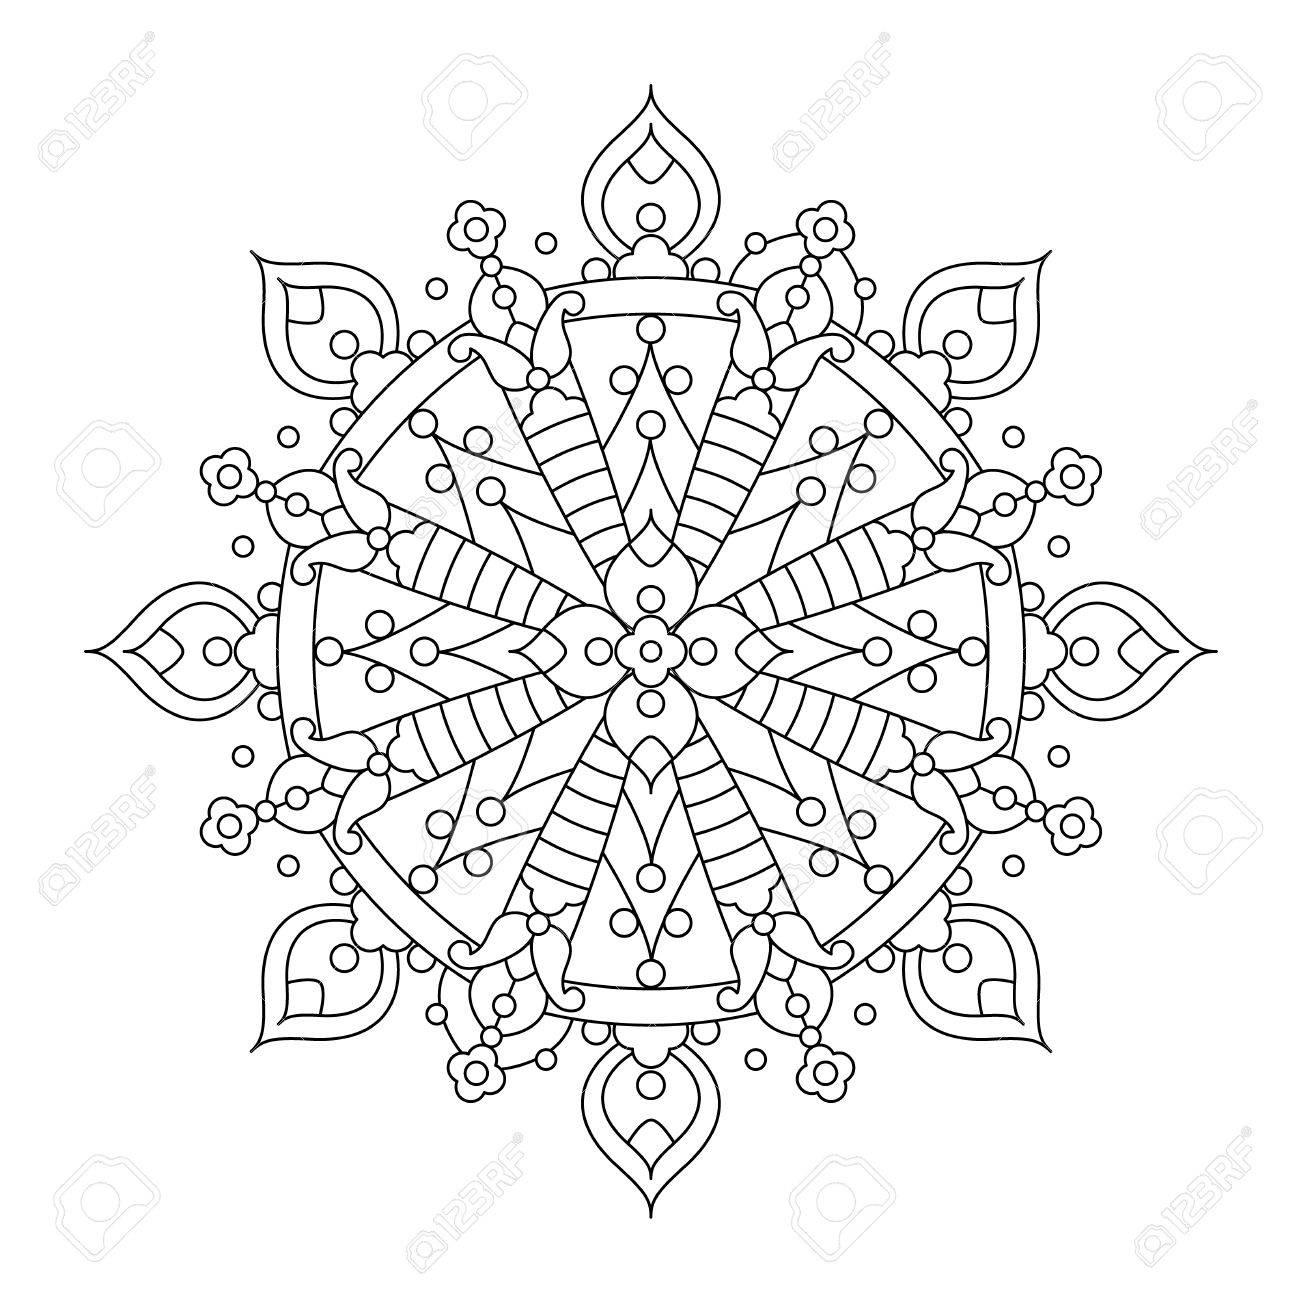 Famoso Página Para Colorear Copos De Nieve Imagen - Dibujos Para ...